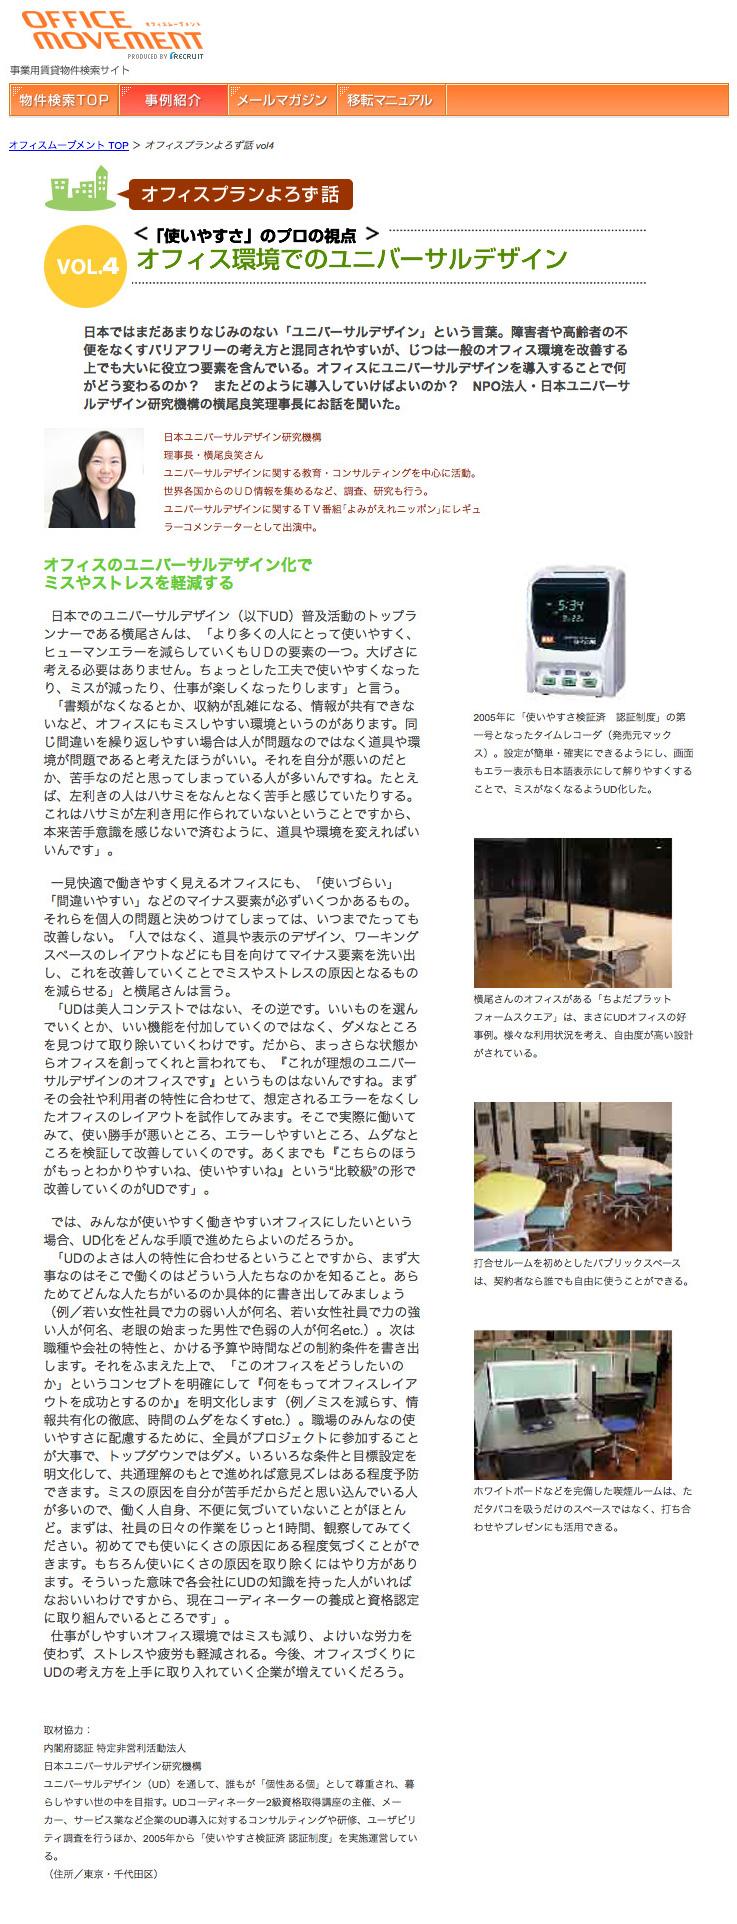 オフィスムーブメント オフィスプランよろず話 Vol.4